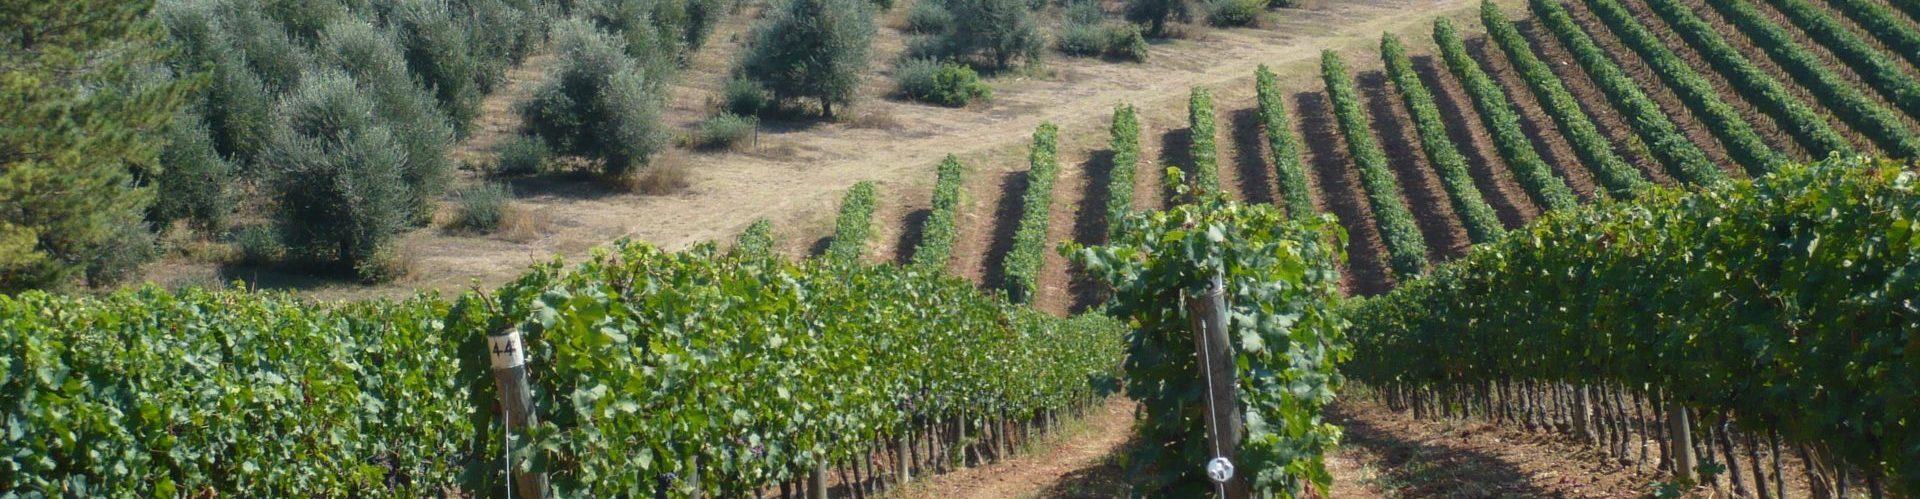 Vignoble des Marches